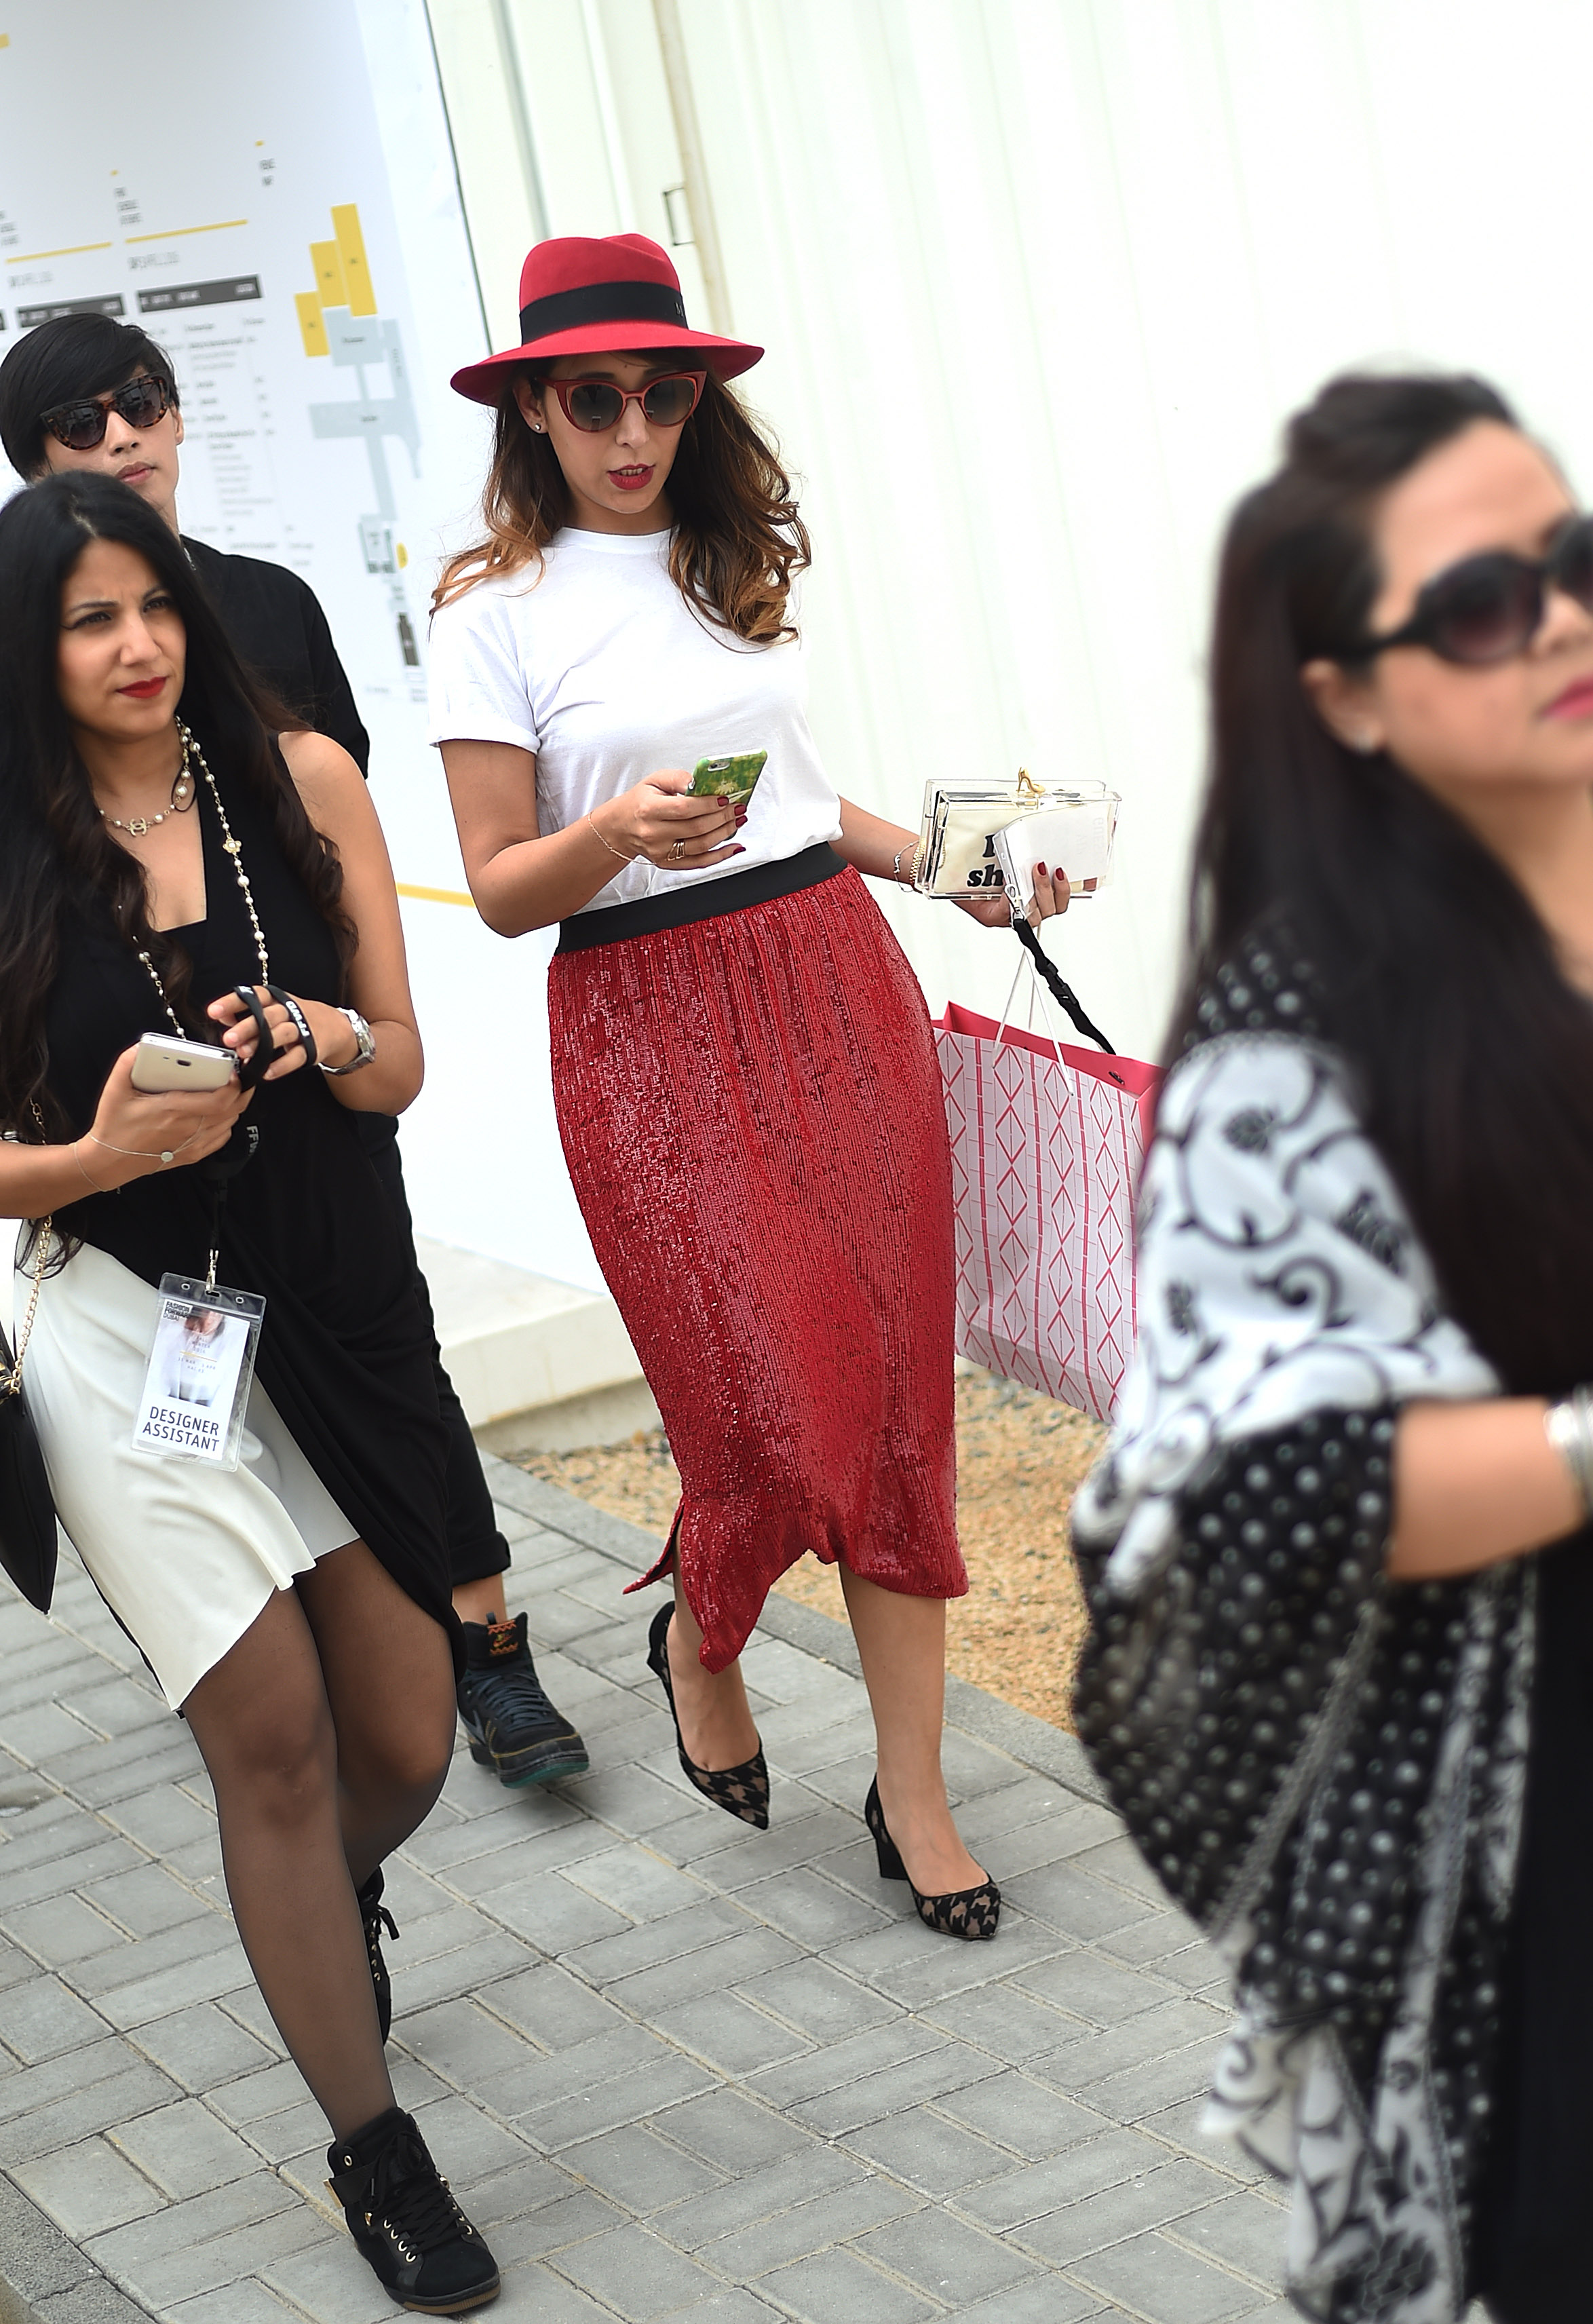 Dubai_FFWD_General_Views_026.JPG